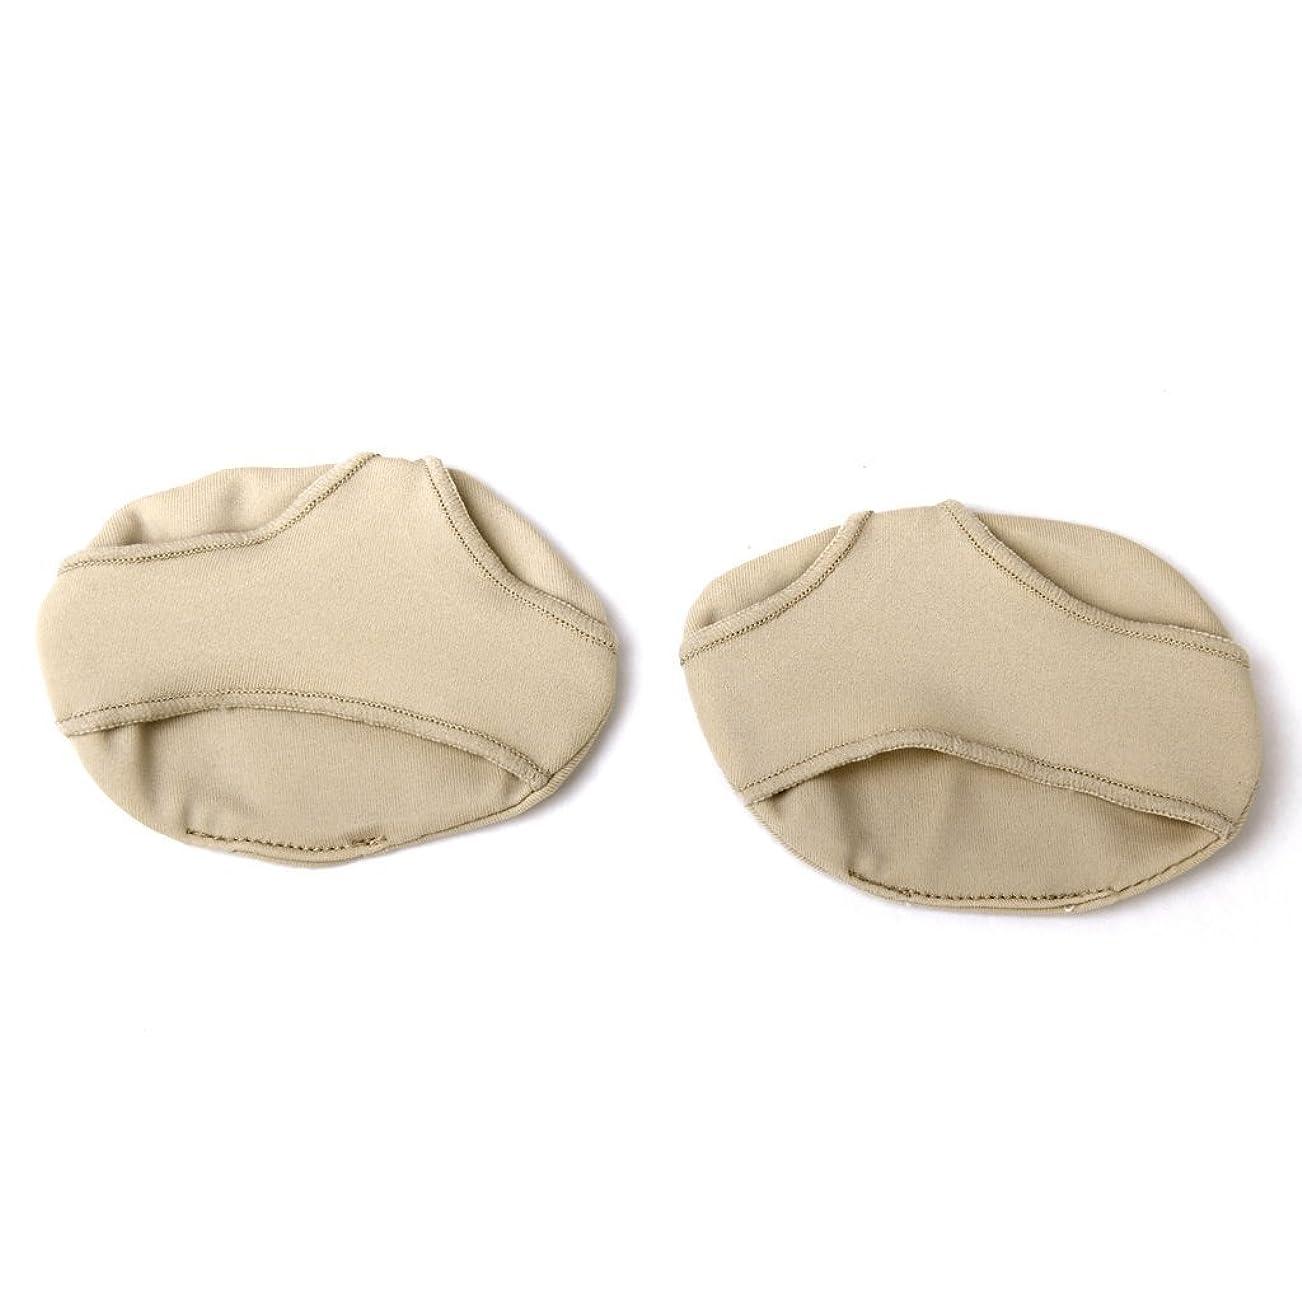 無実所得ゆるくSODIAL(R) ペアの低中足パッド クッションブランケット 前足の痛みを和らげるためのストラップ付きインソール Y形